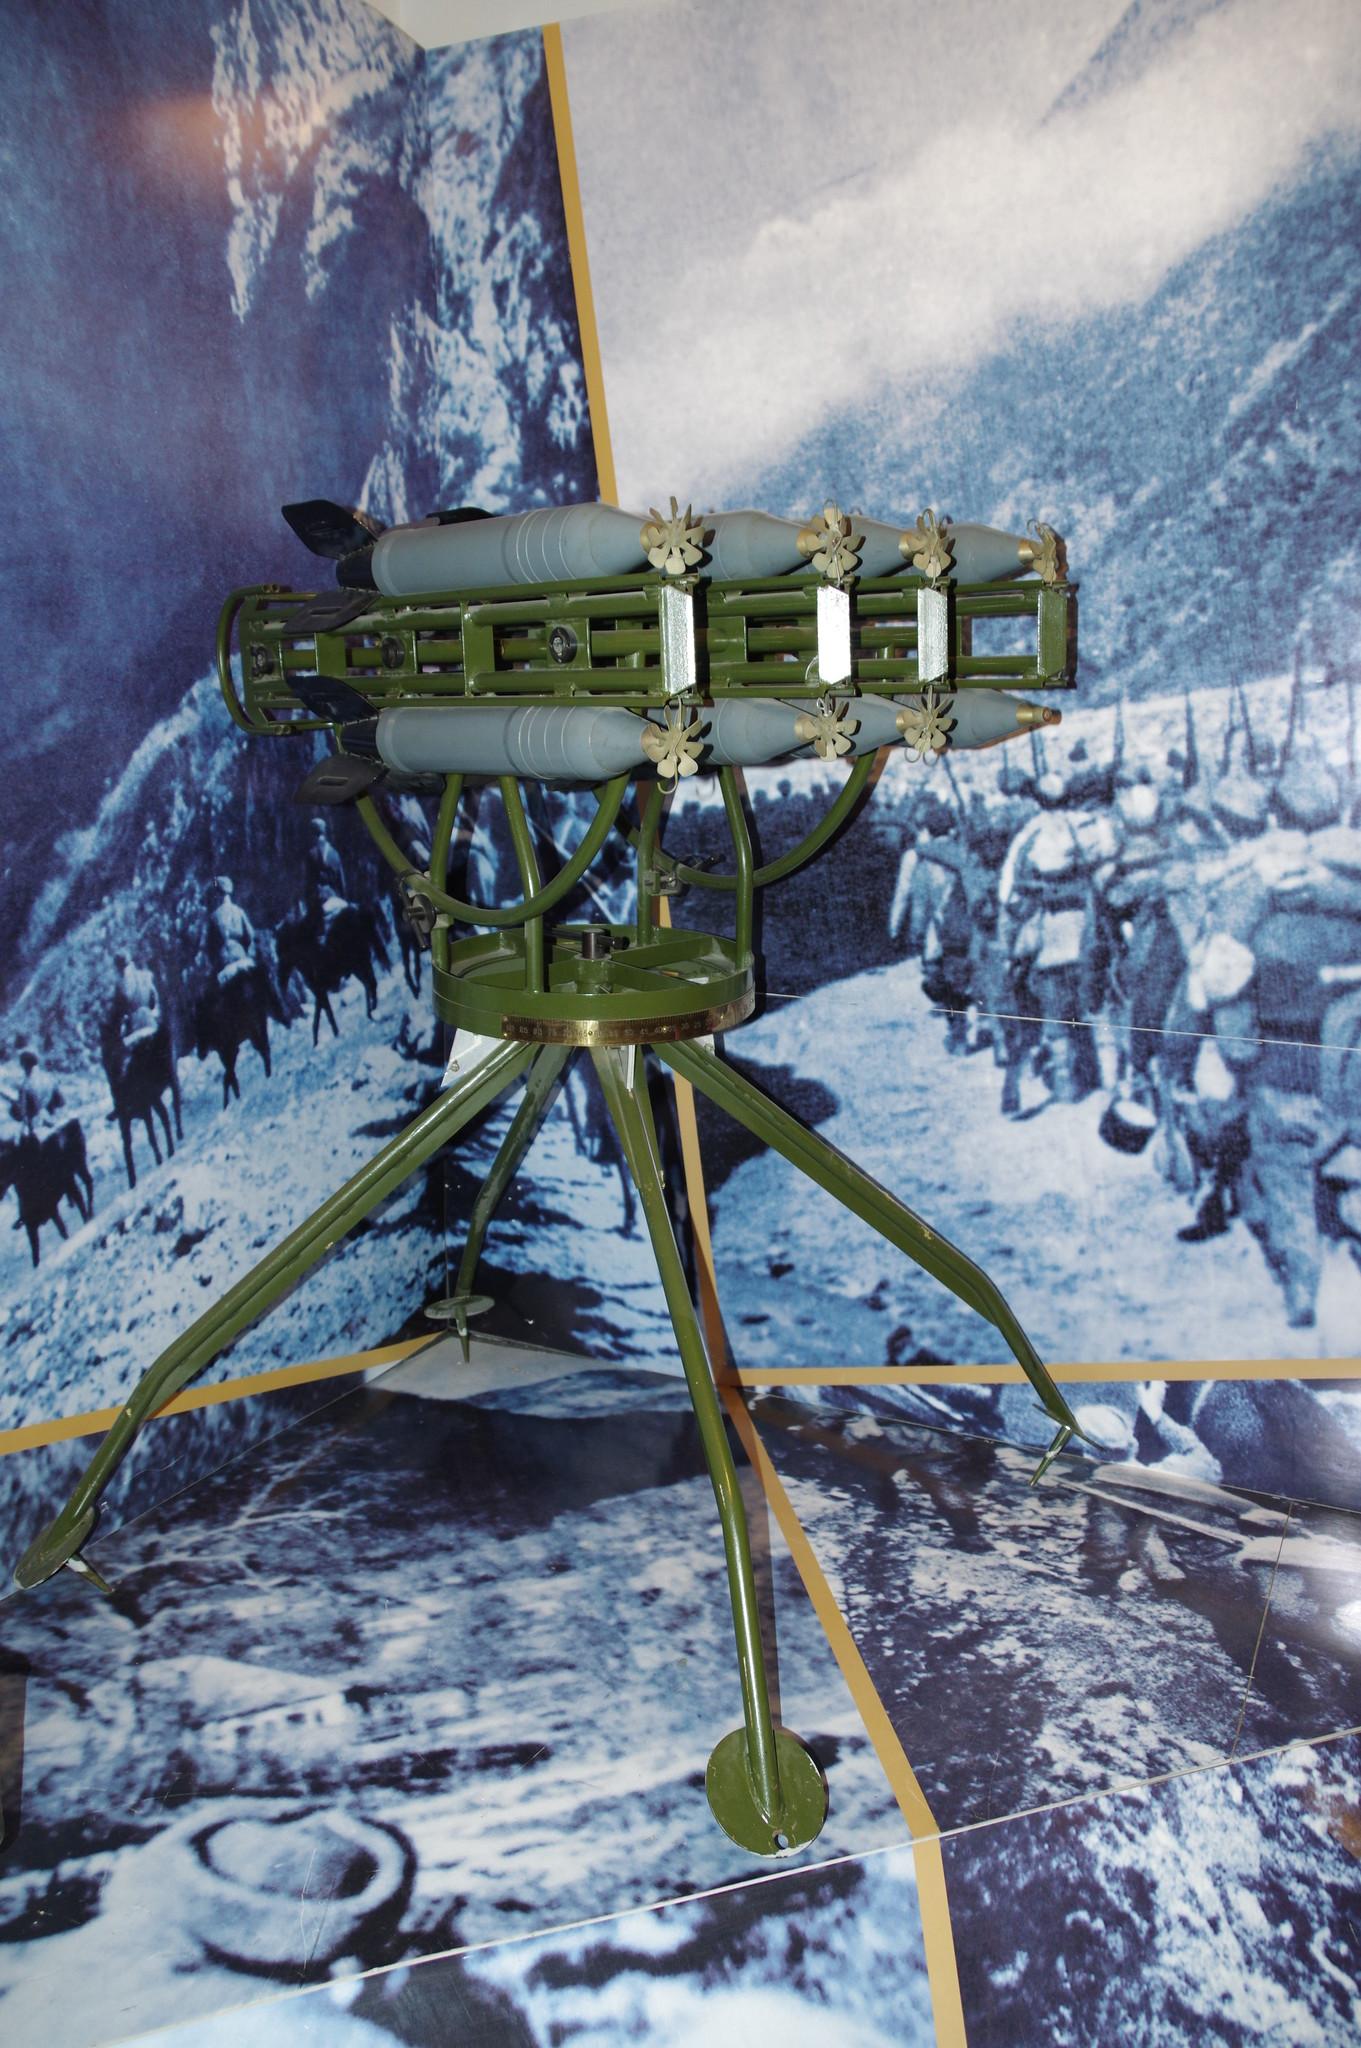 Горная реактивная установка М-8-8 с реактивными снарядами РС-82 в экспозиции Центрального музея Вооружённых сил